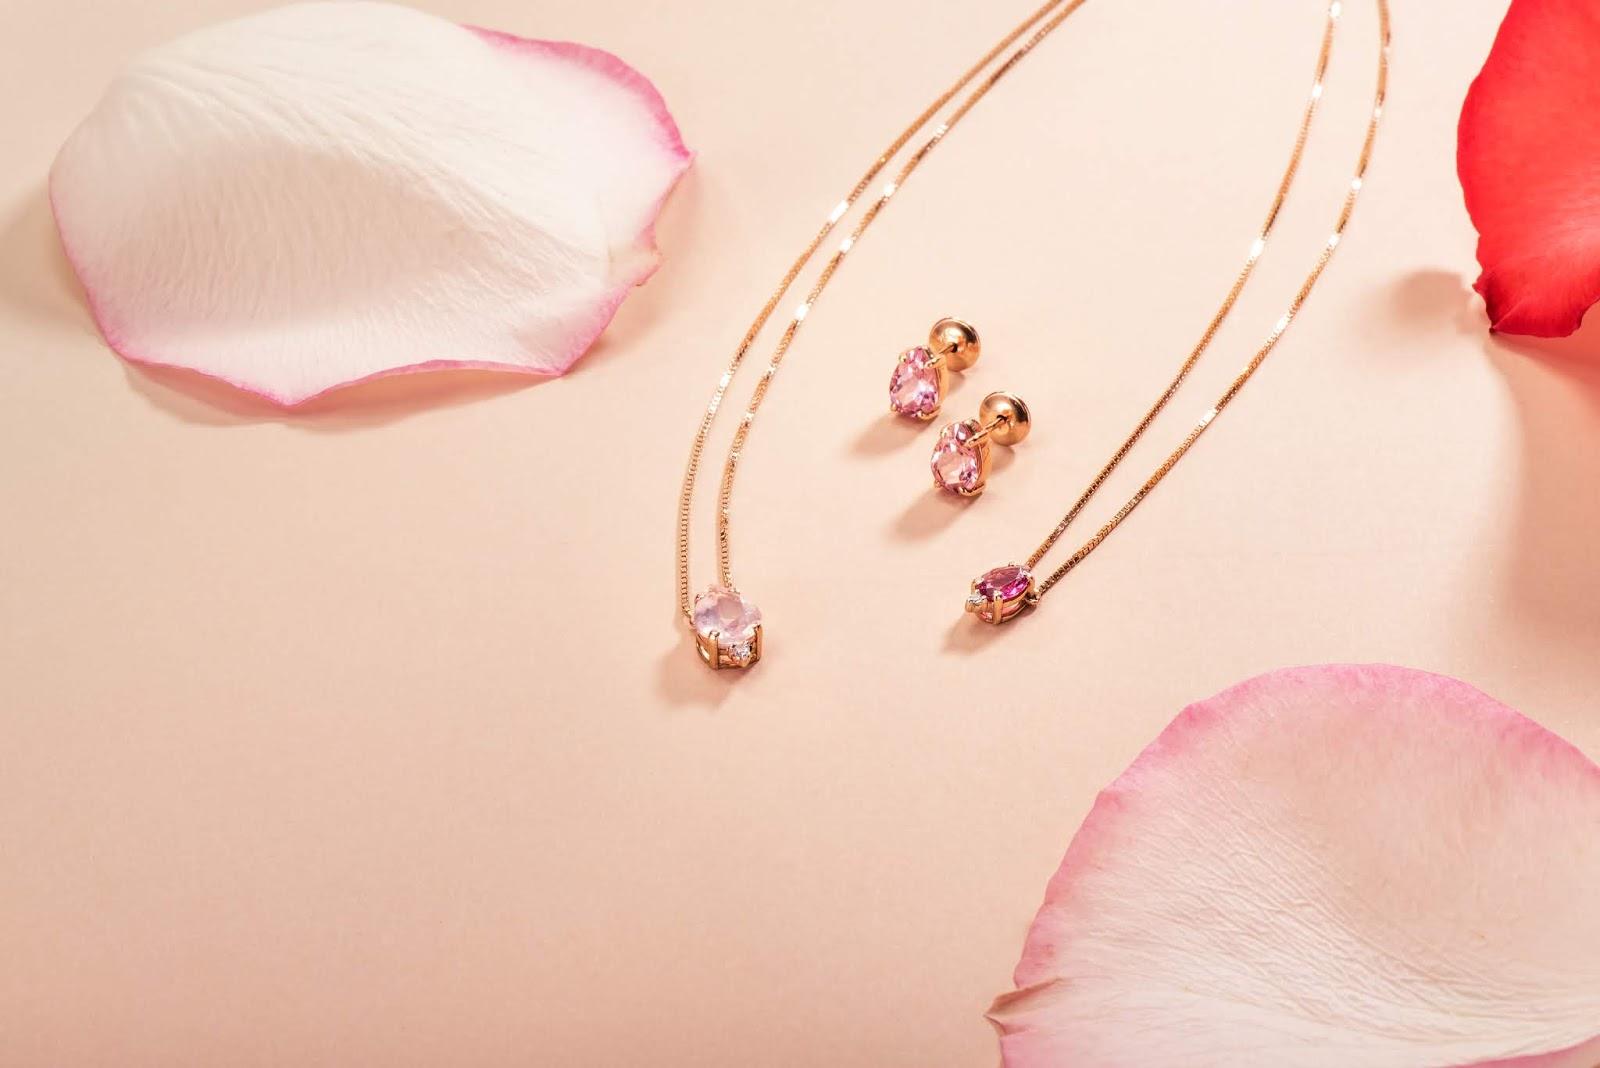 acessórios da coleção spring rose da loja joias gold